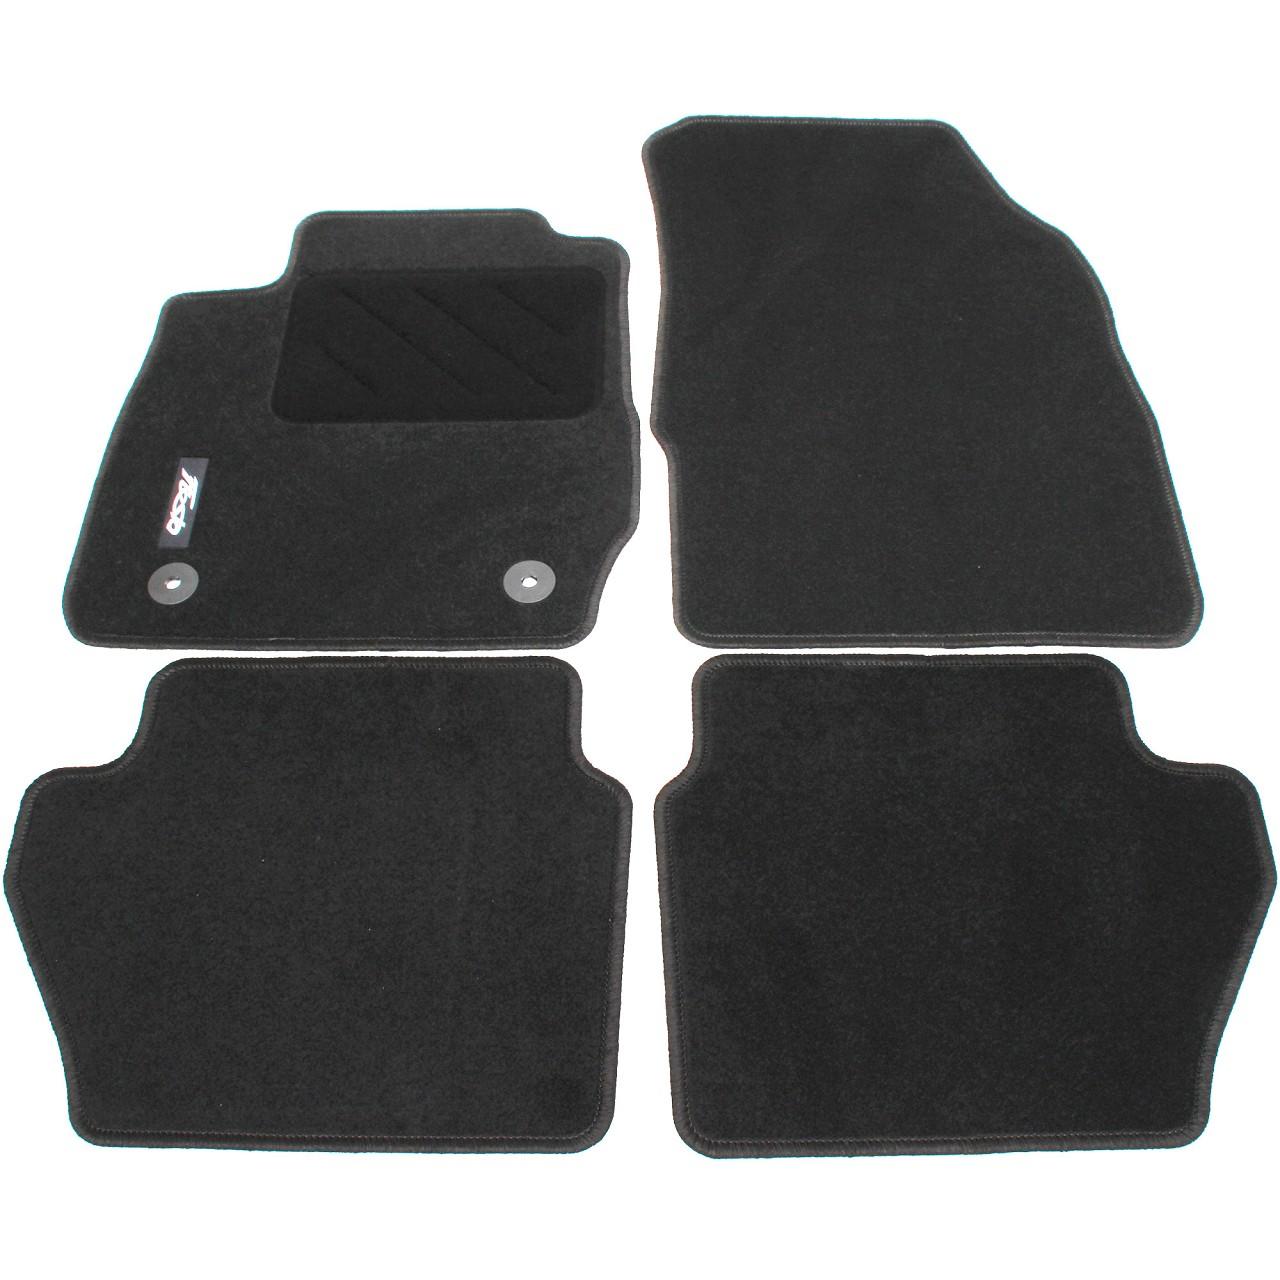 ORIGINAL Ford Textilmatten Fußmatten Satz 4-TLG 1947555 für FIESTA VI ab 02.2011